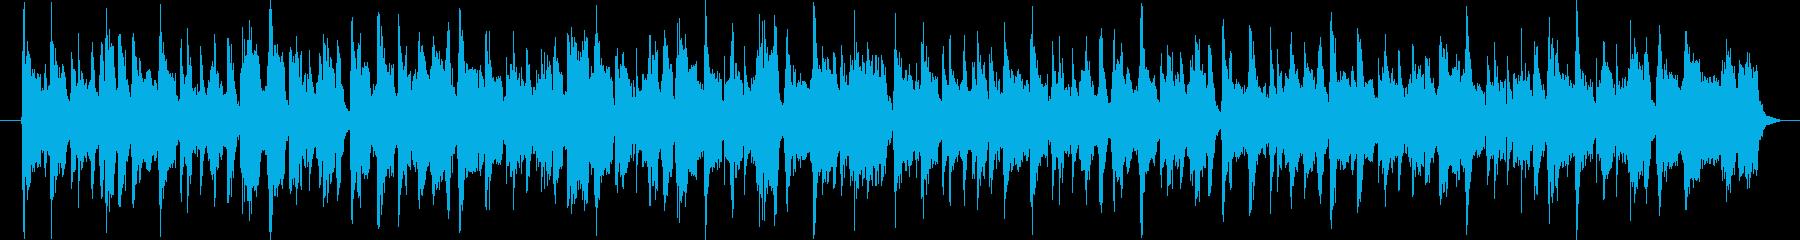 アップテンポ、おしゃれ、ラウンジハウスの再生済みの波形